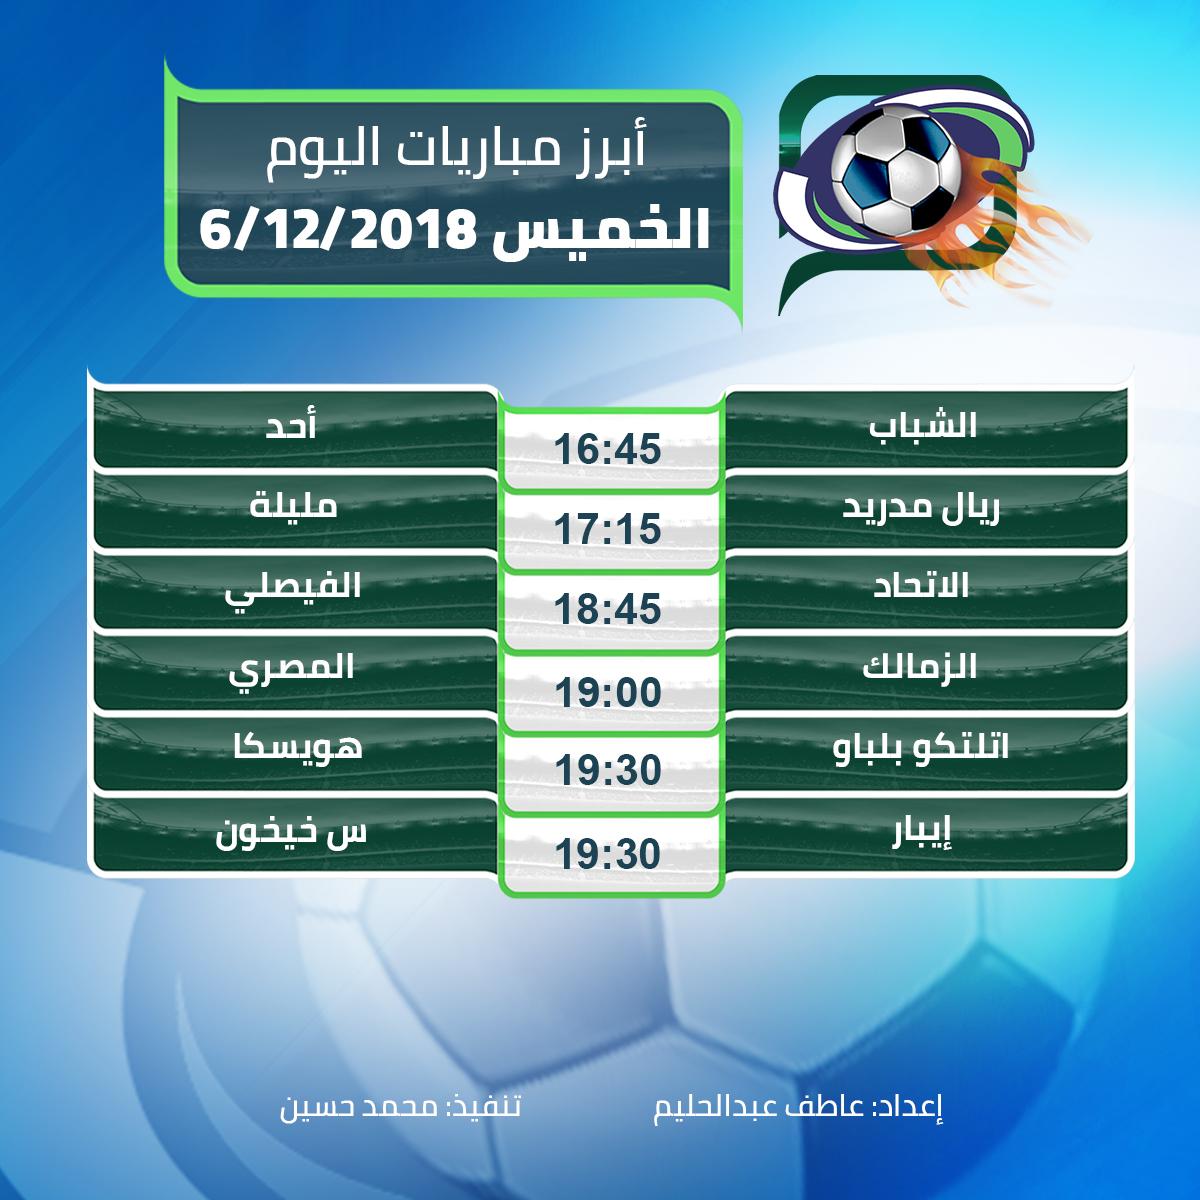 أبرز مباريات اليوم الخميس 06/12/2018